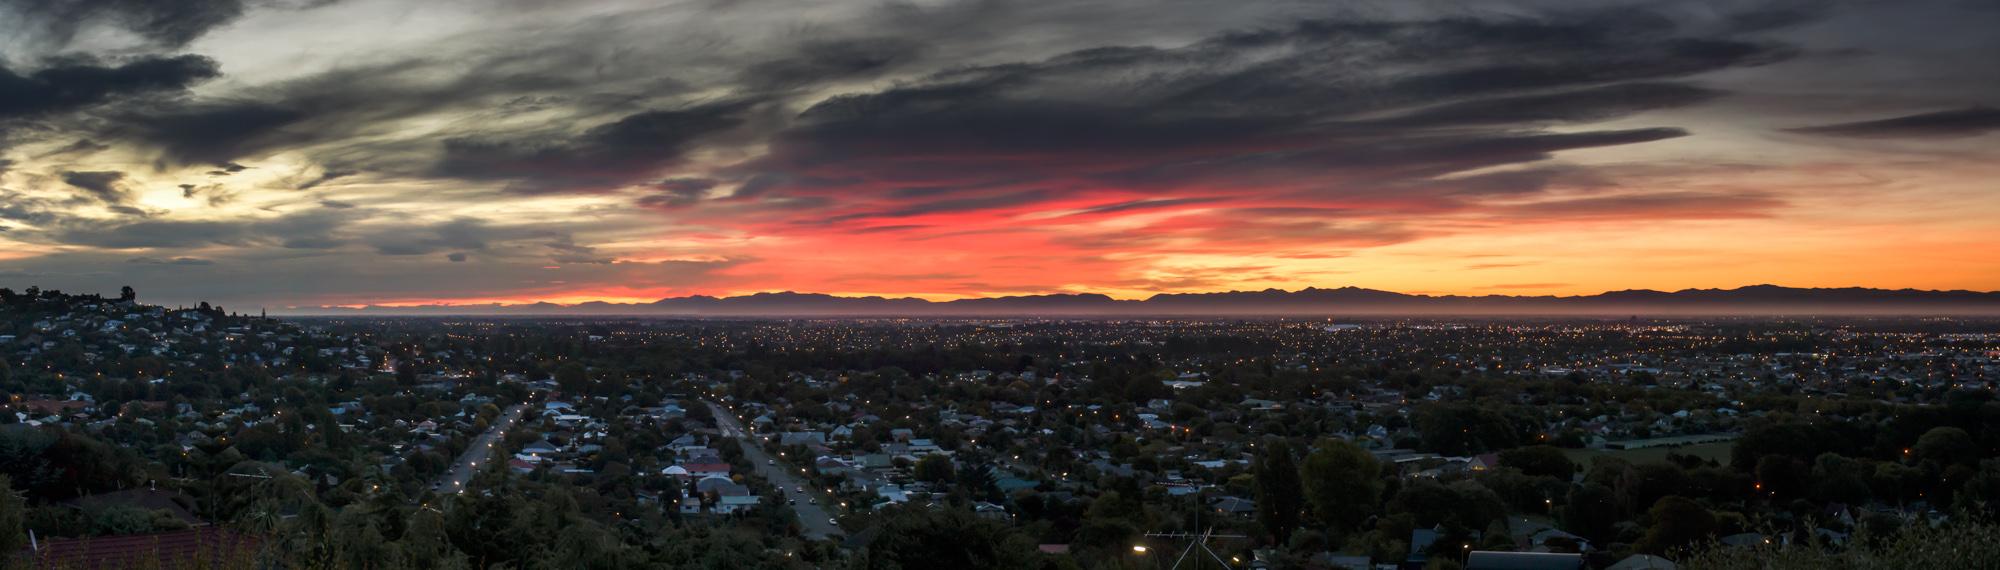 Sundown over Christchurch